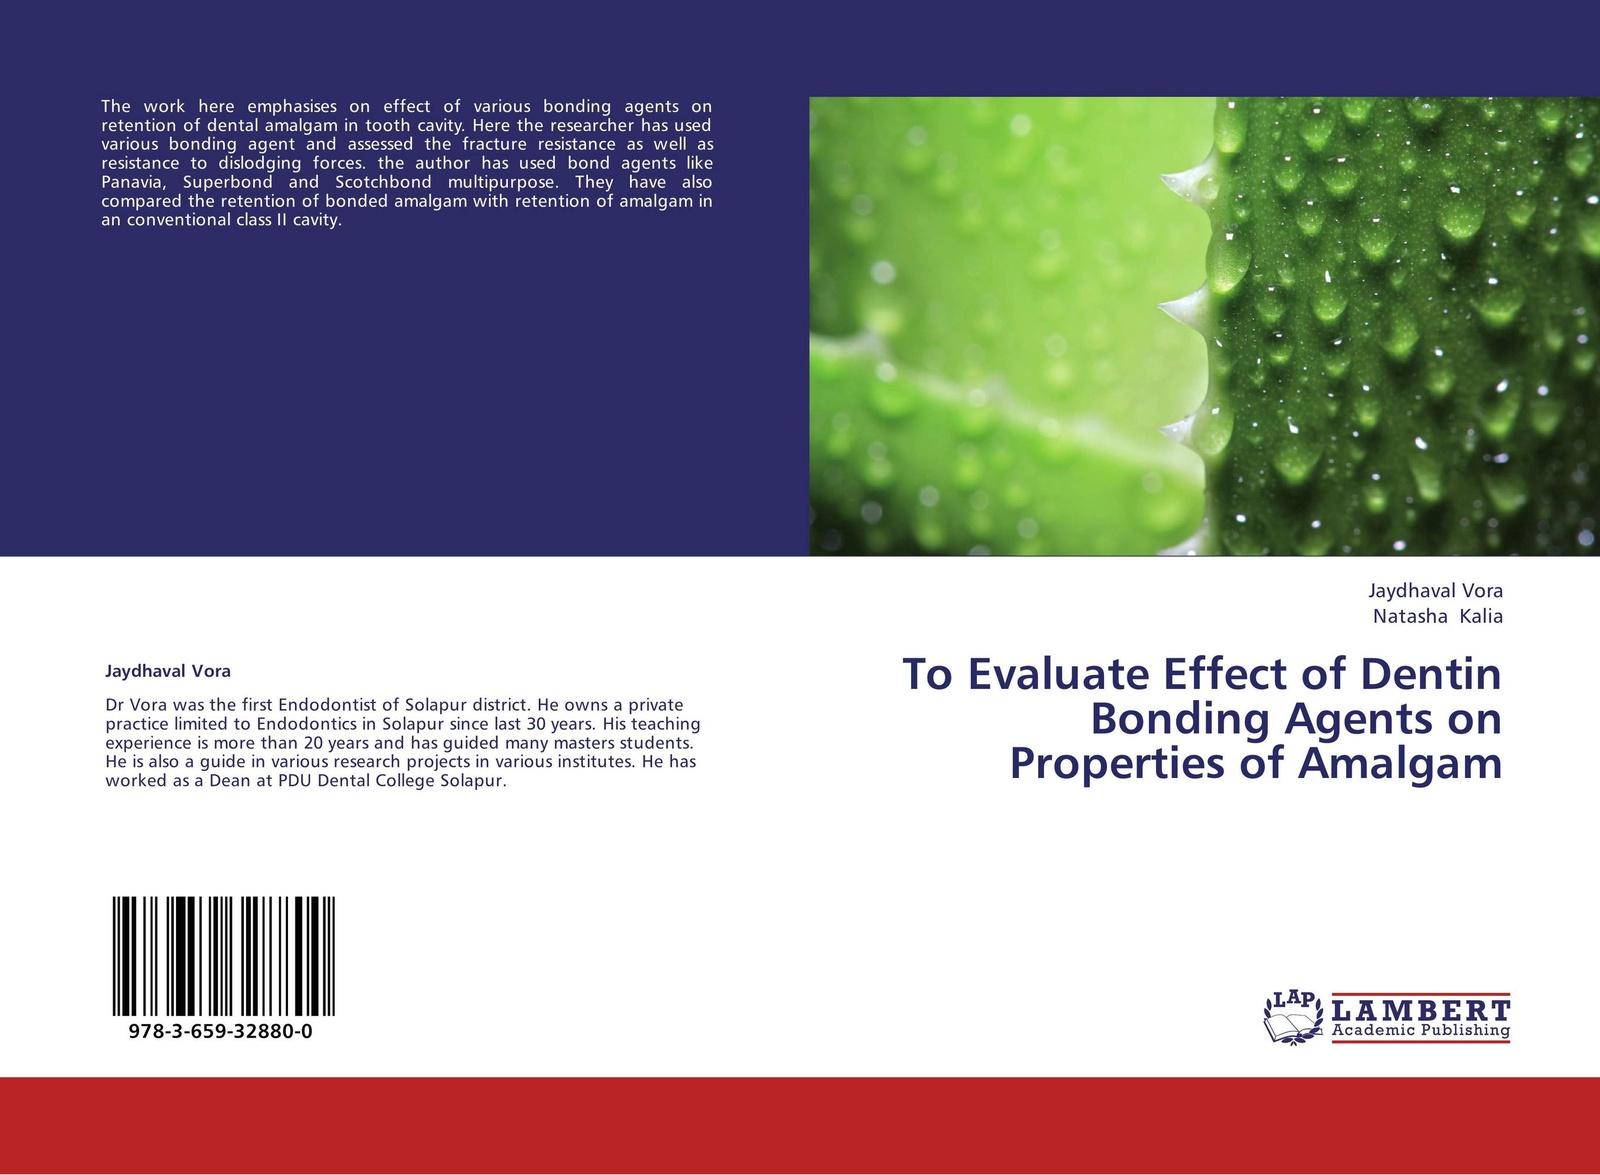 Jaydhaval Vora, Natasha Kalia To Evaluate Effect of Dentin Bonding Agents on Properties of Amalgam staff as change agents